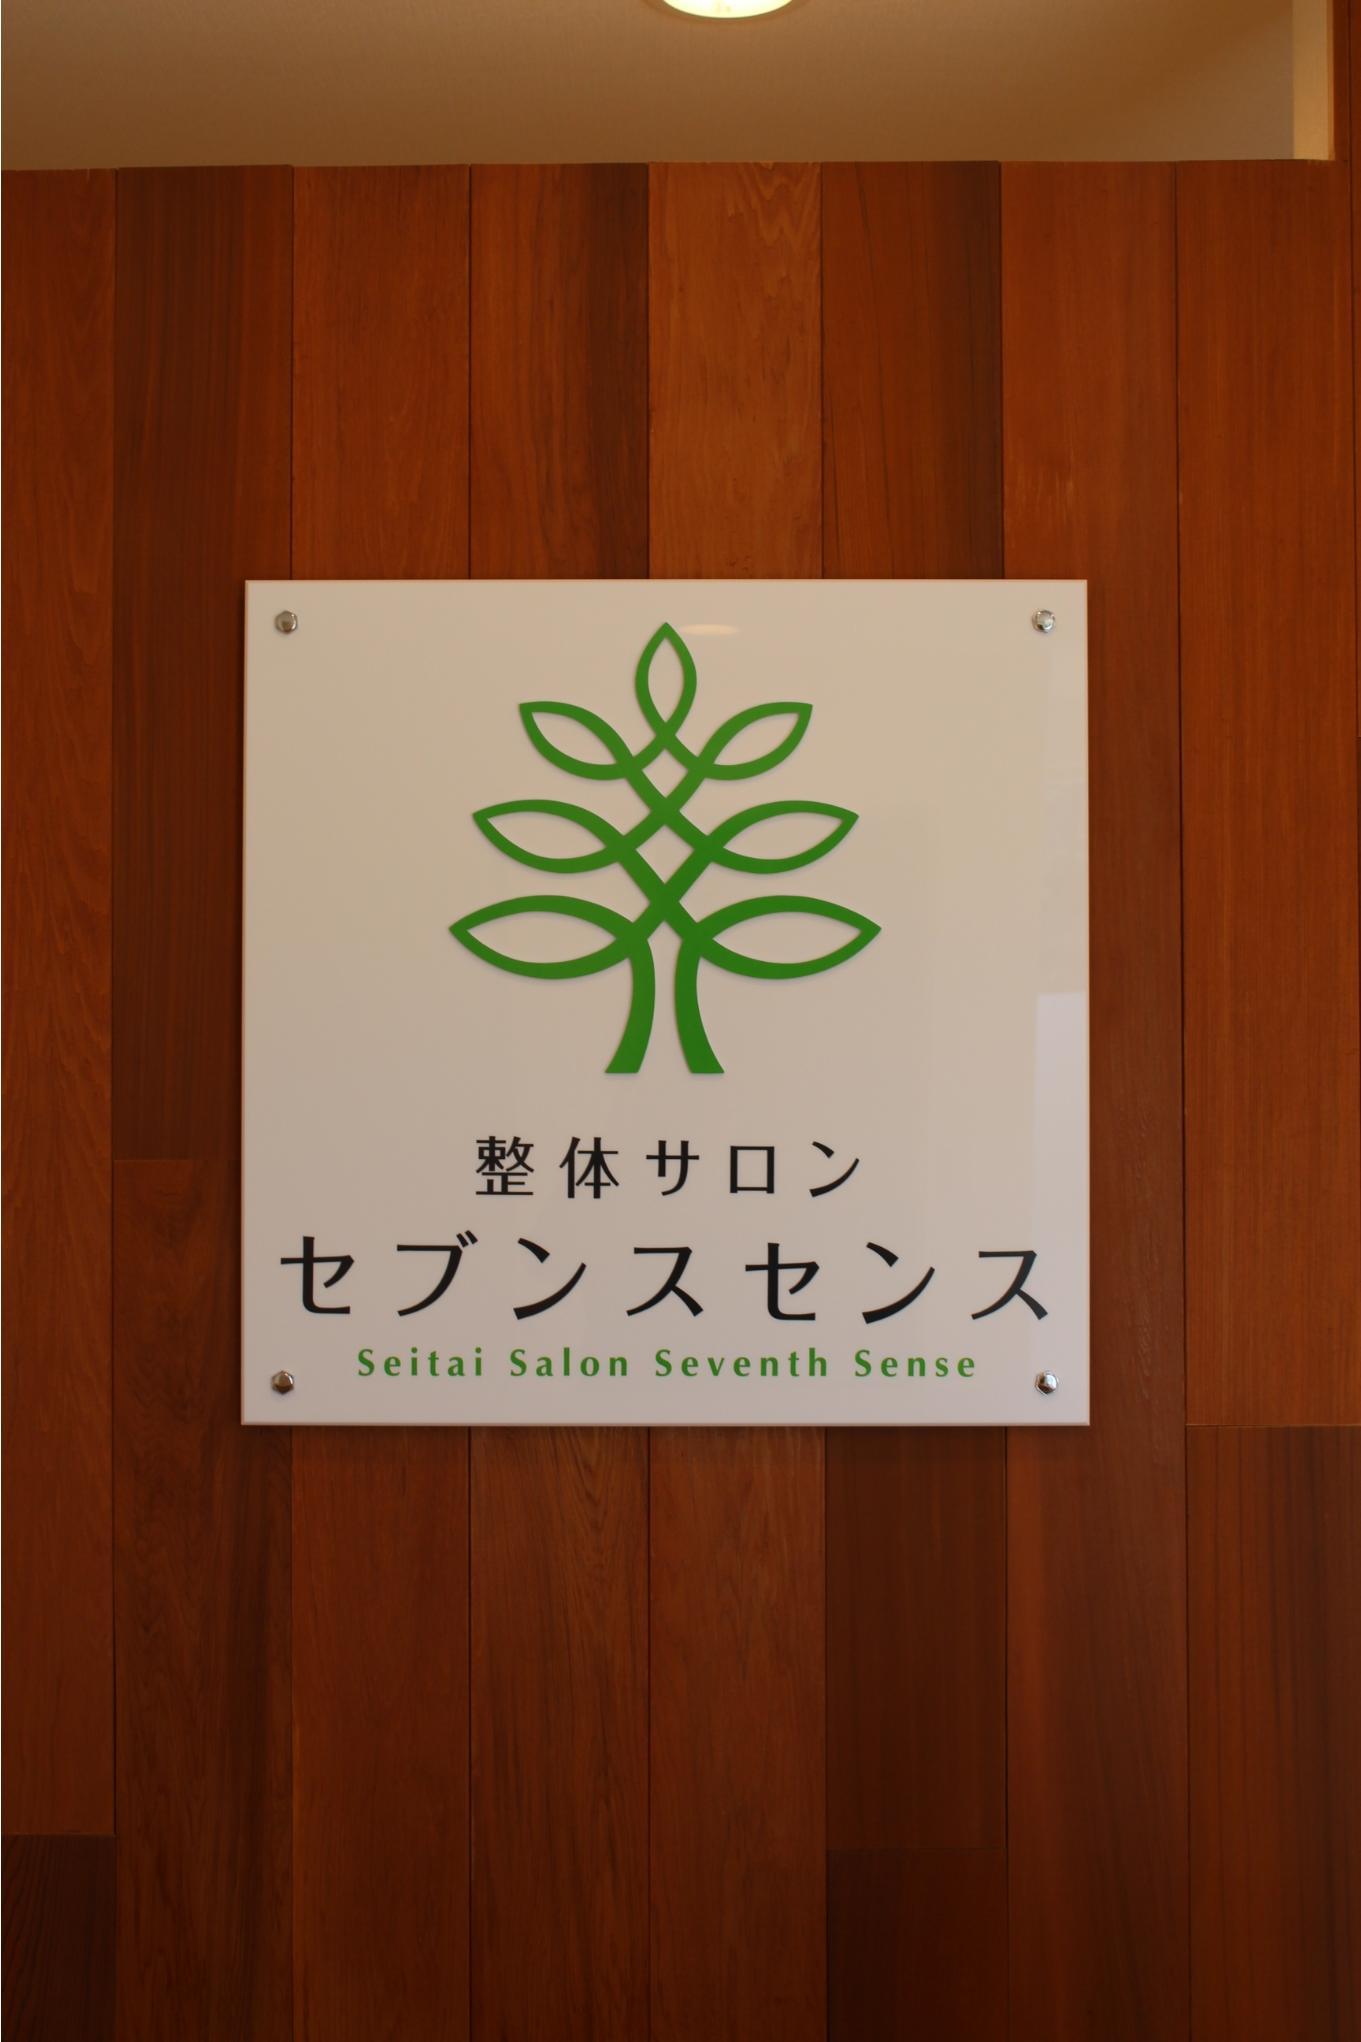 セブンスセンス様(看板)